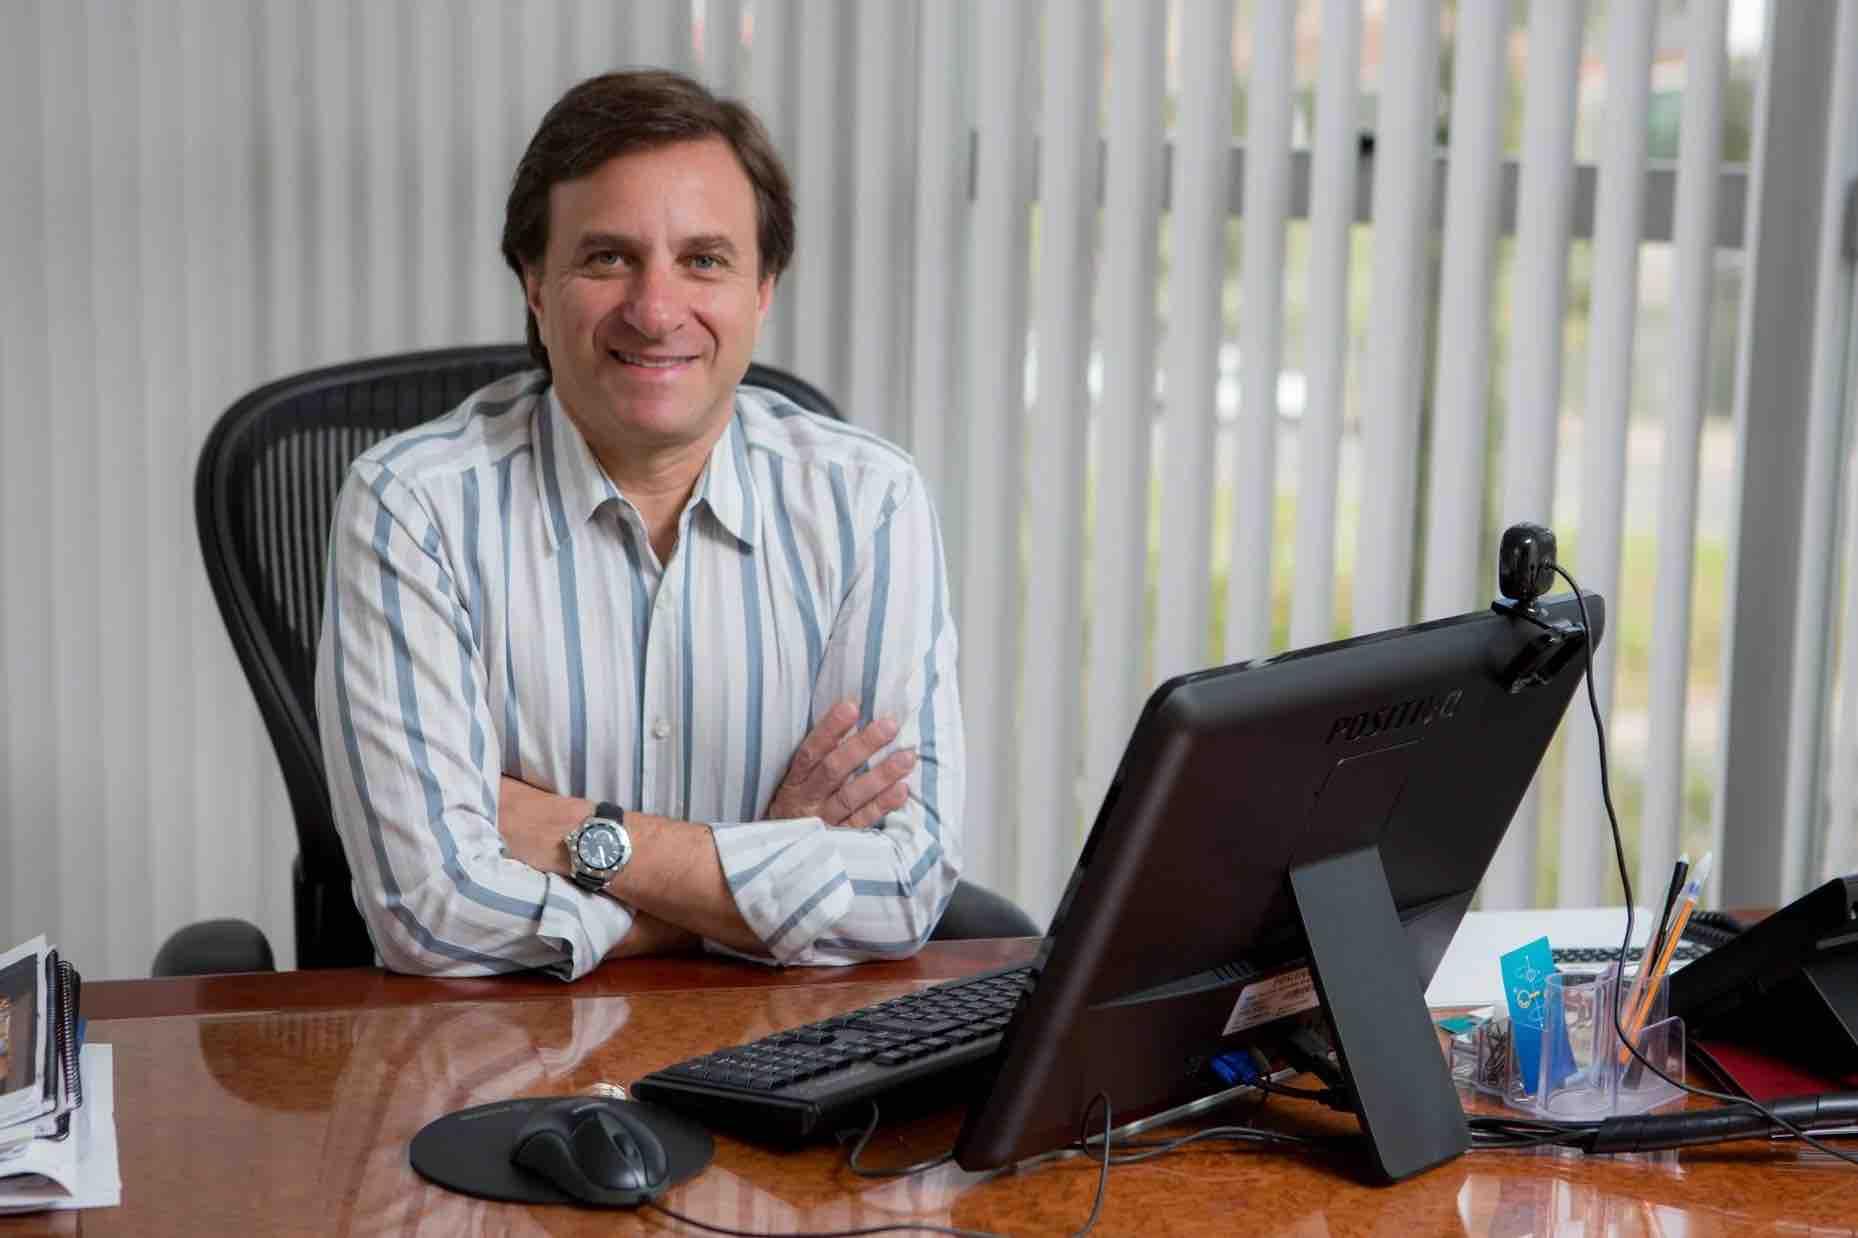 Positivo Tecnologia investe na startup Eunerd